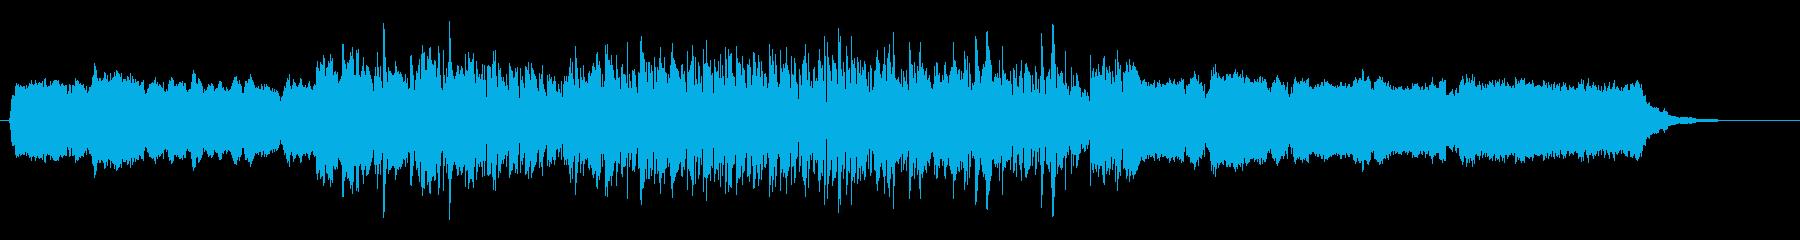 プログレ風変拍子の曲ですの再生済みの波形